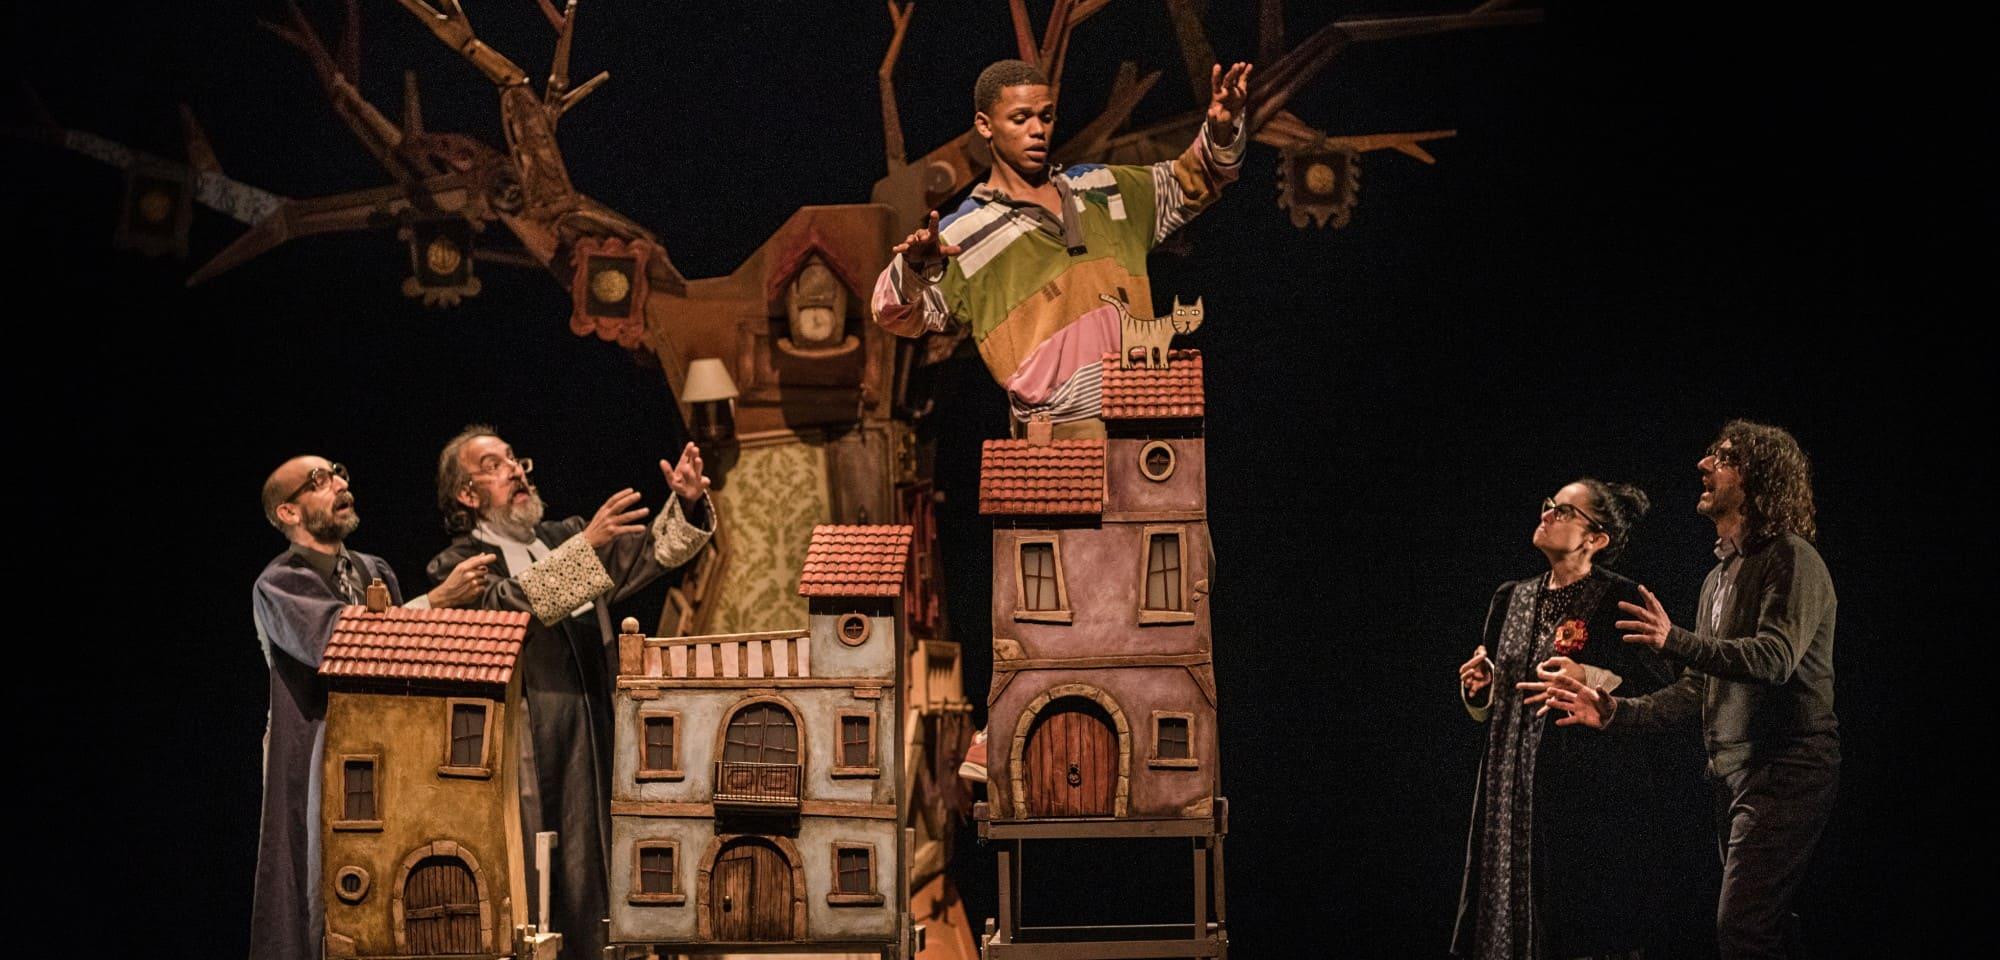 Soc una nou - Zum-Zum Teatre